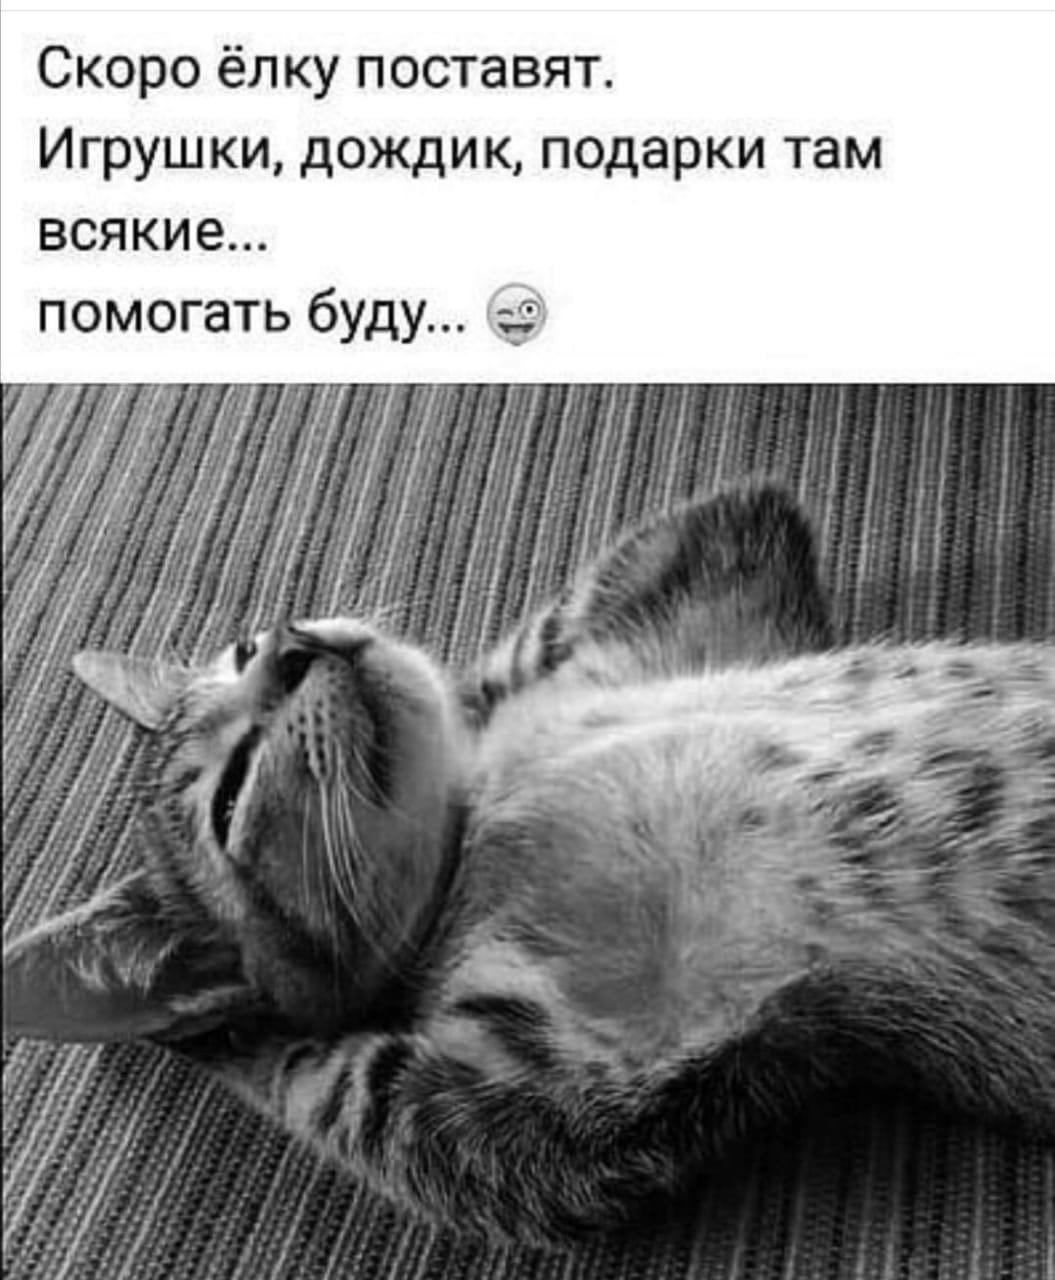 DKqm6zTUVss - А Ваши котики готовятся Вам помогать?